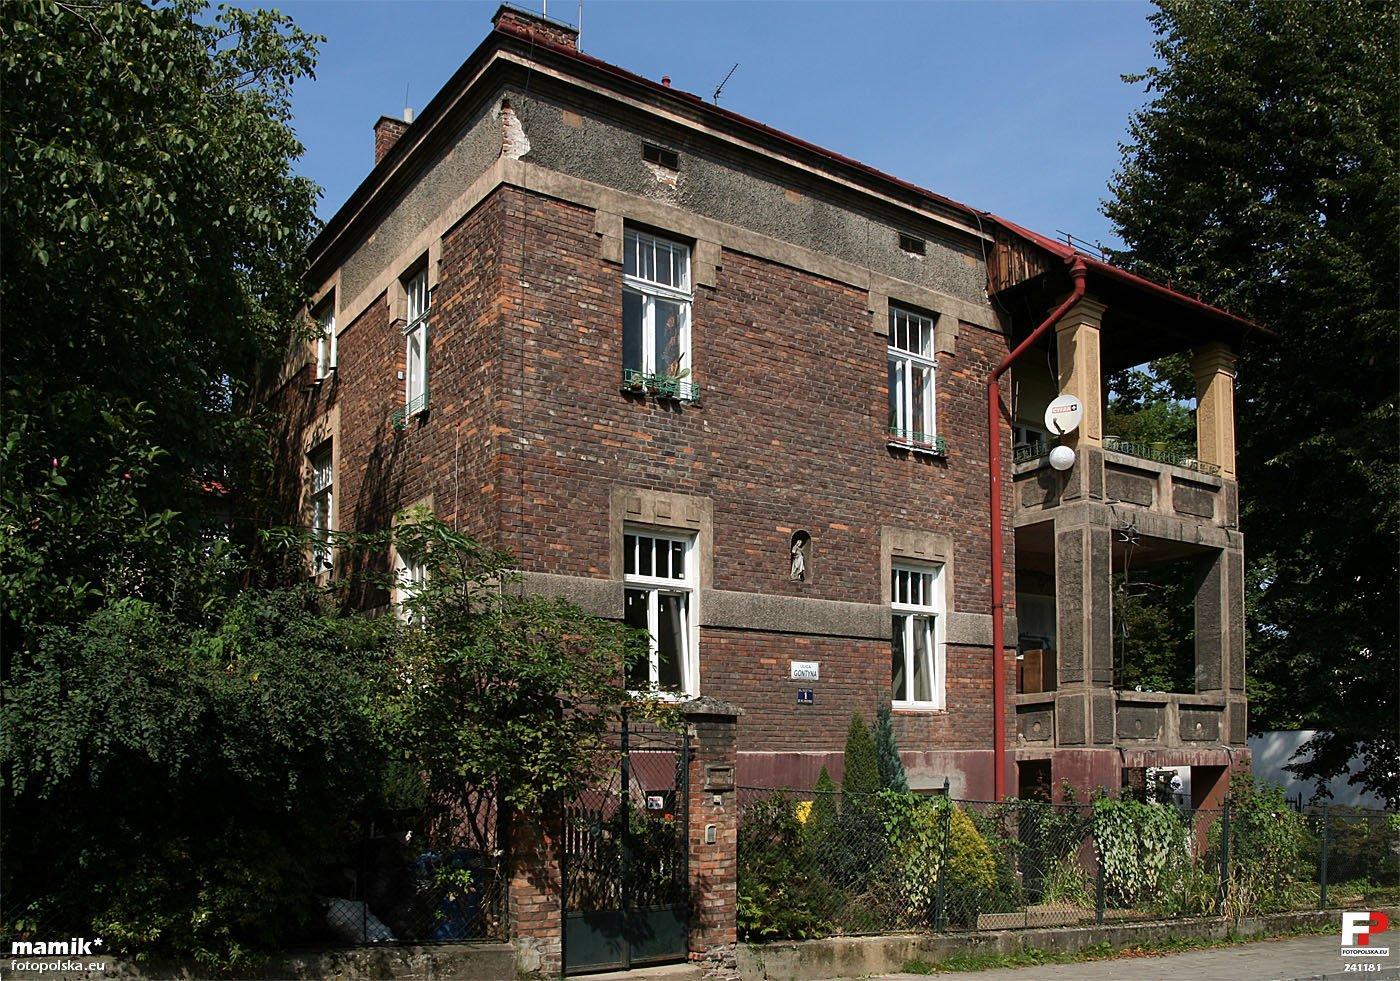 Krakow Apartments For Rent Long Term